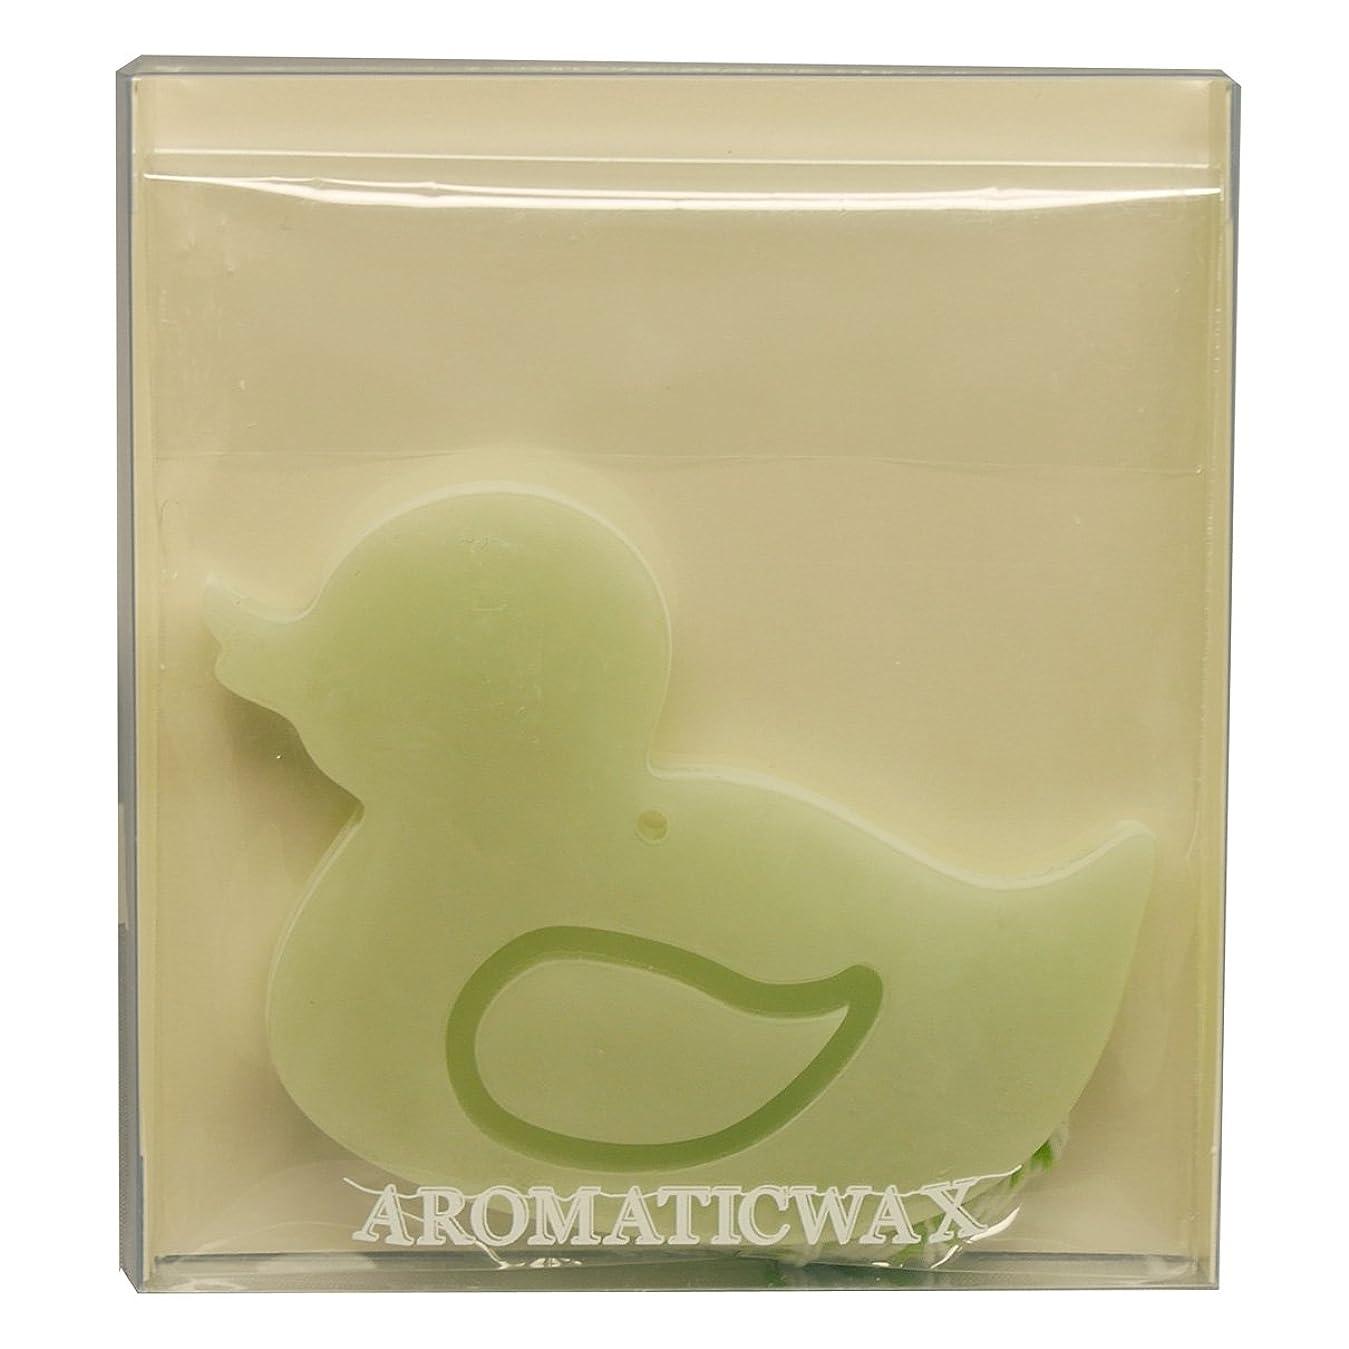 レルム雇ったなめらかGRASSE TOKYO AROMATICWAXチャーム「あひる」(GR) レモングラス アロマティックワックス グラーストウキョウ